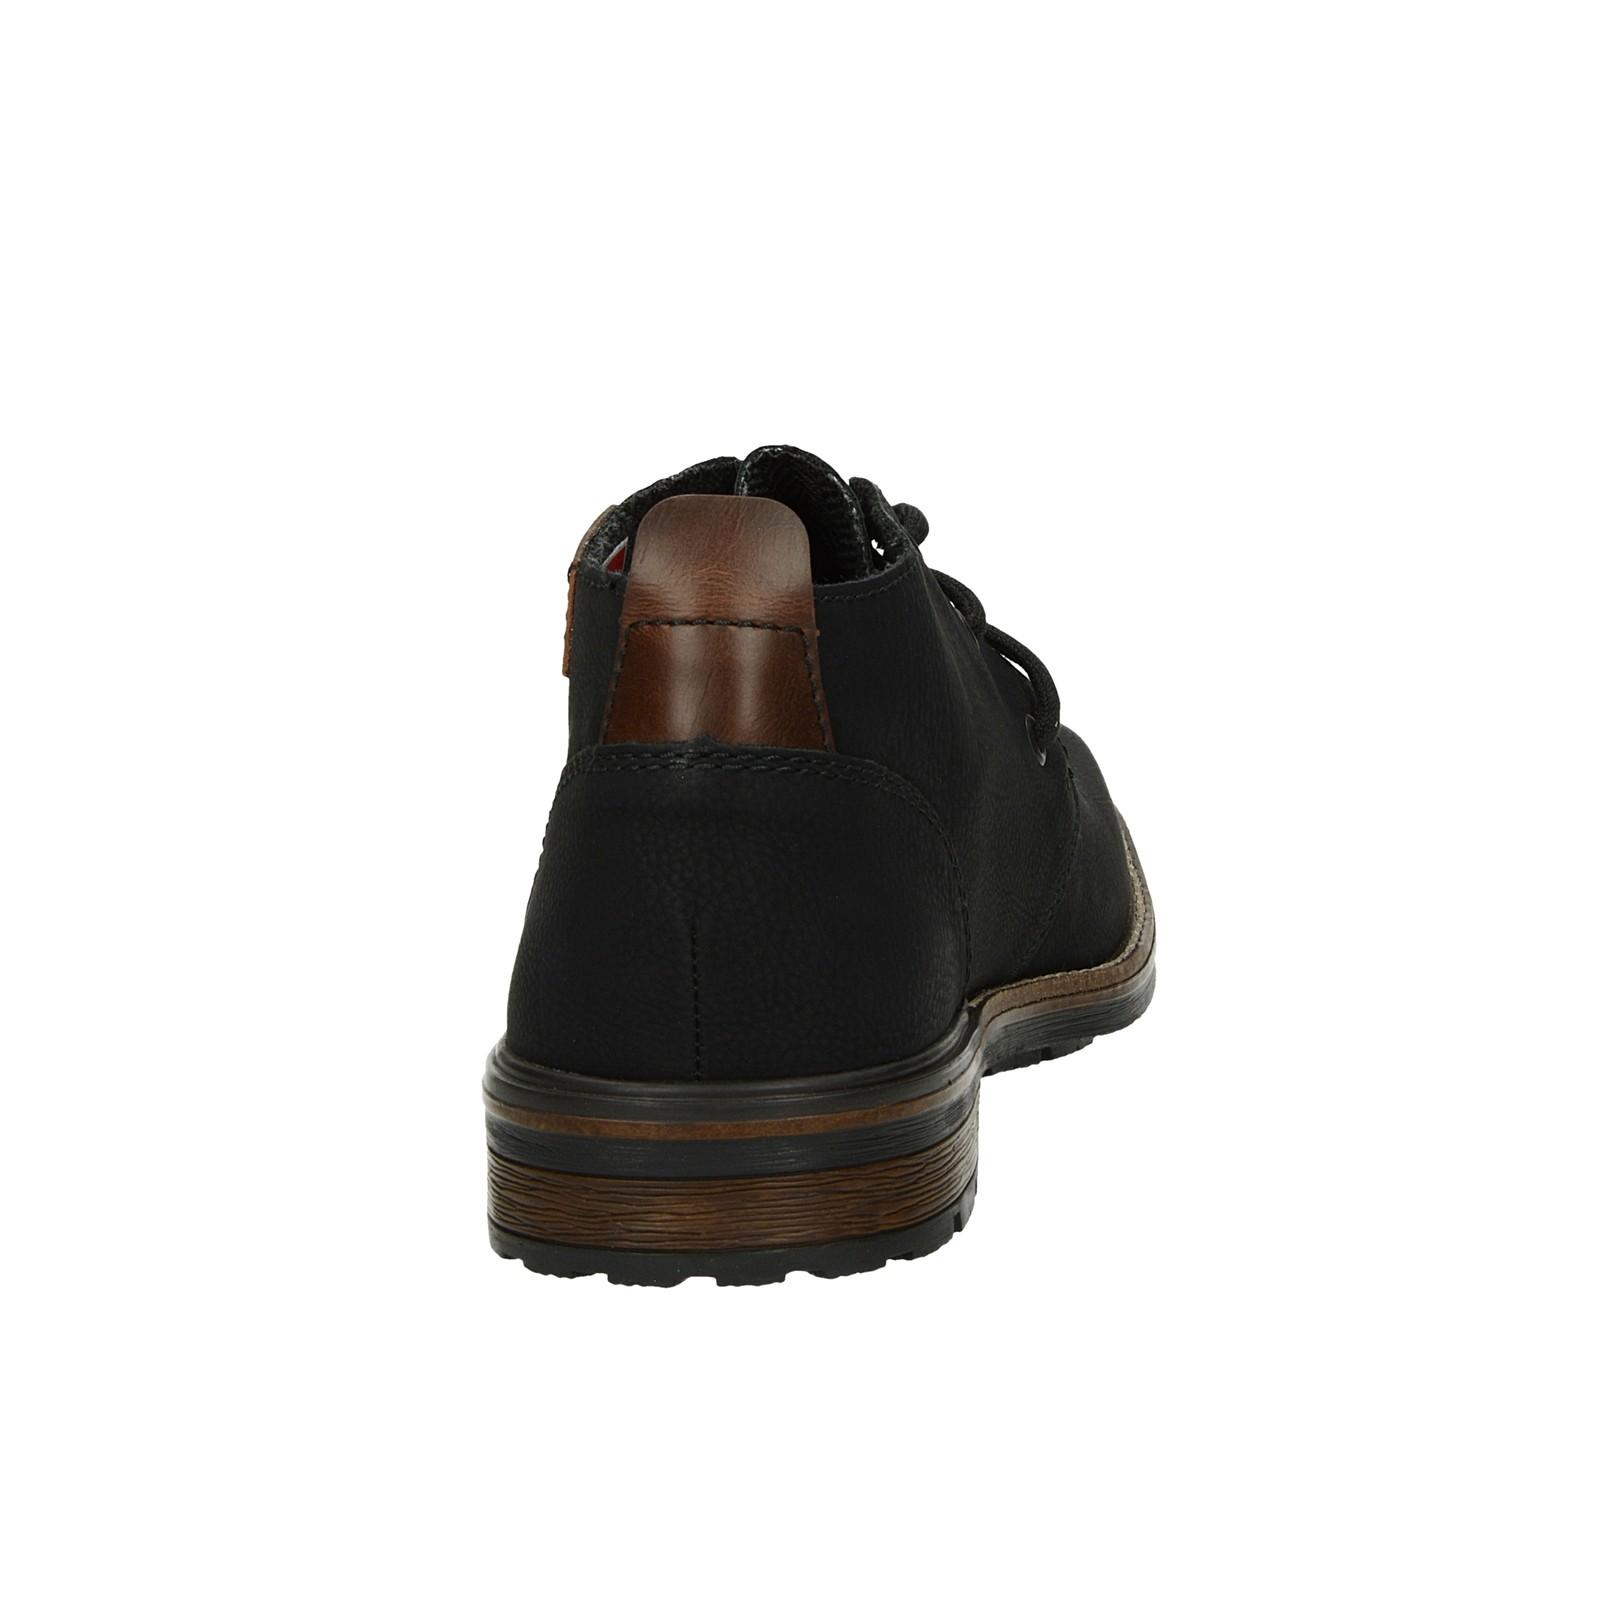 Rieker pánska pohodlná členková obuv - čierna